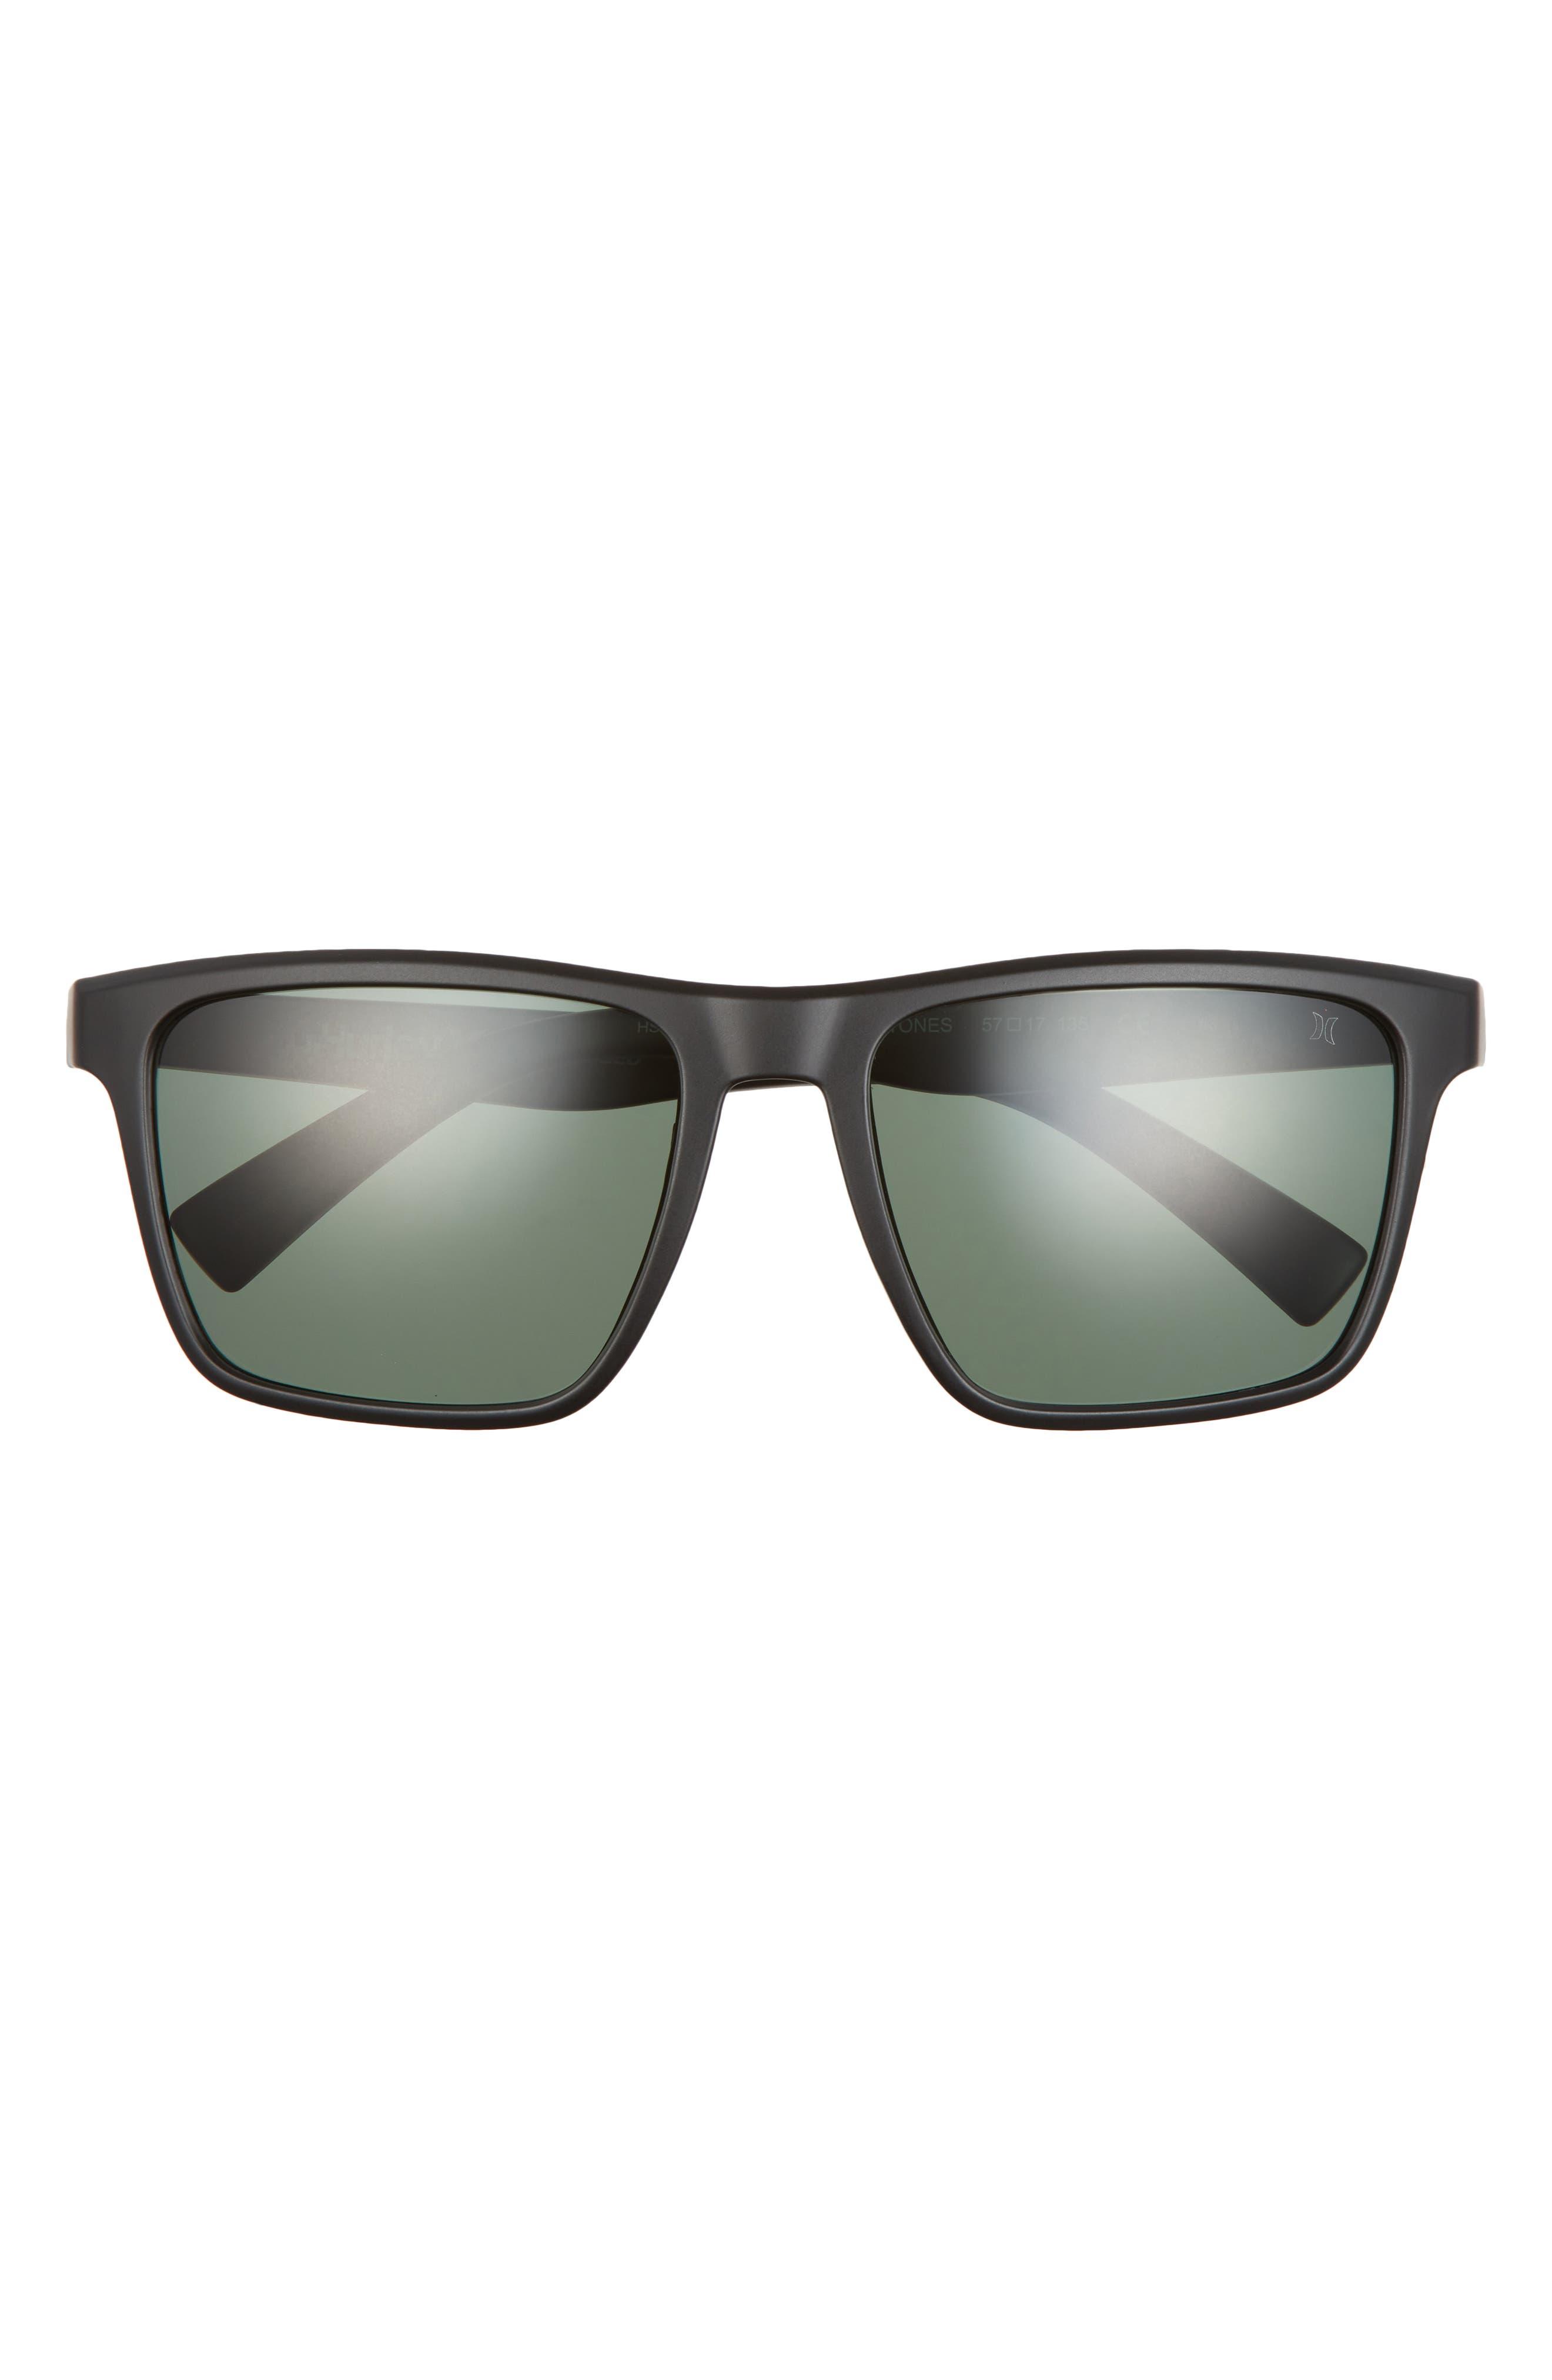 Cobblestones 57mm Polarized Square Sunglasses